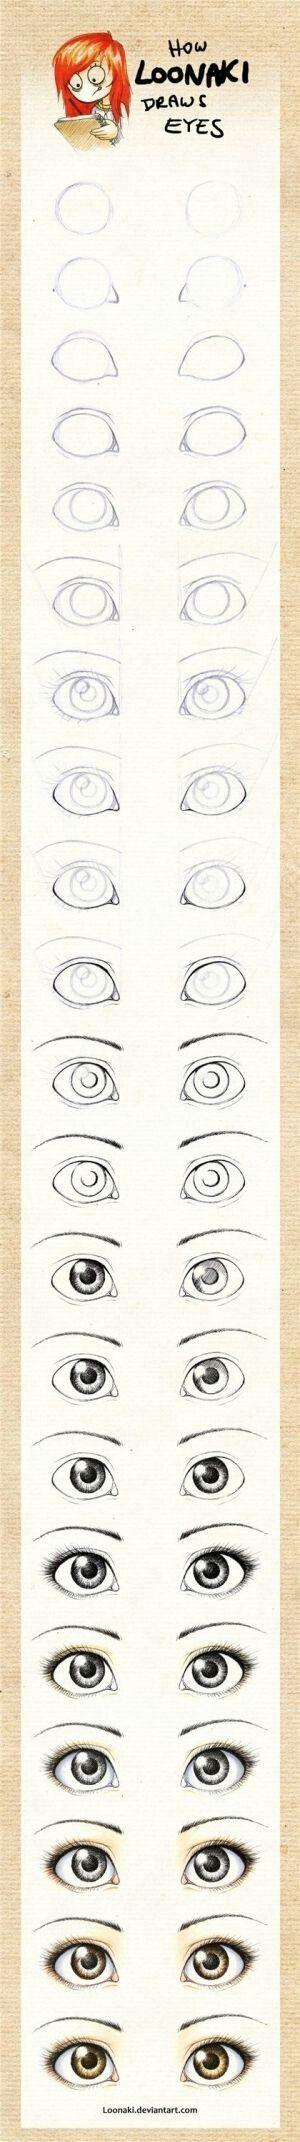 Oczy-Wow, das ist wirklich sehr hilfreich, um beide Augen zu zeichnen, was ich nie